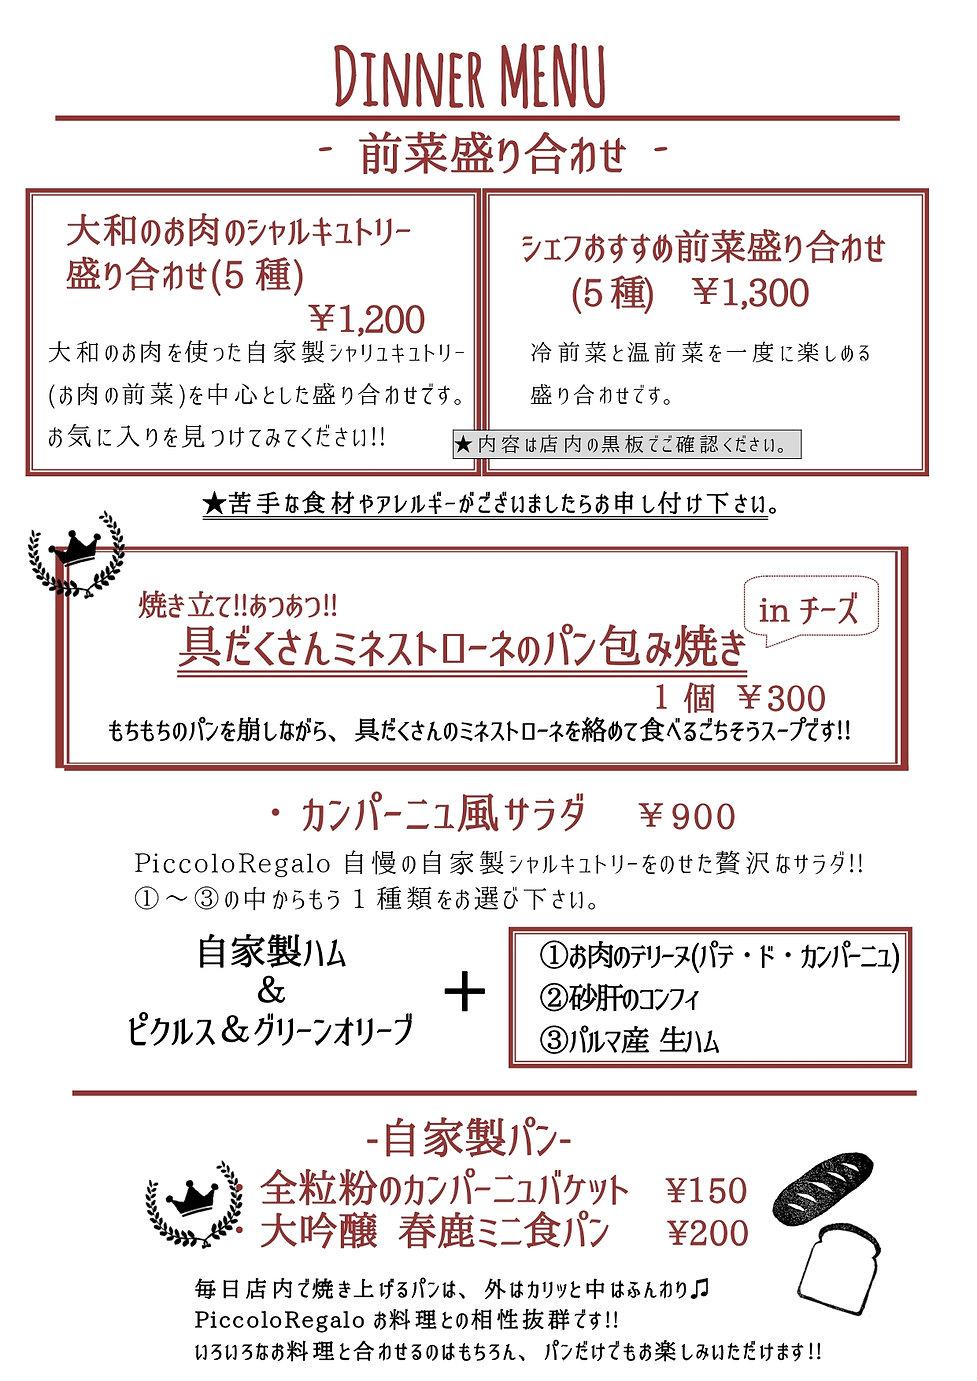 ディナーメニュー 1 城山台4.5_page-0001(1).jpg